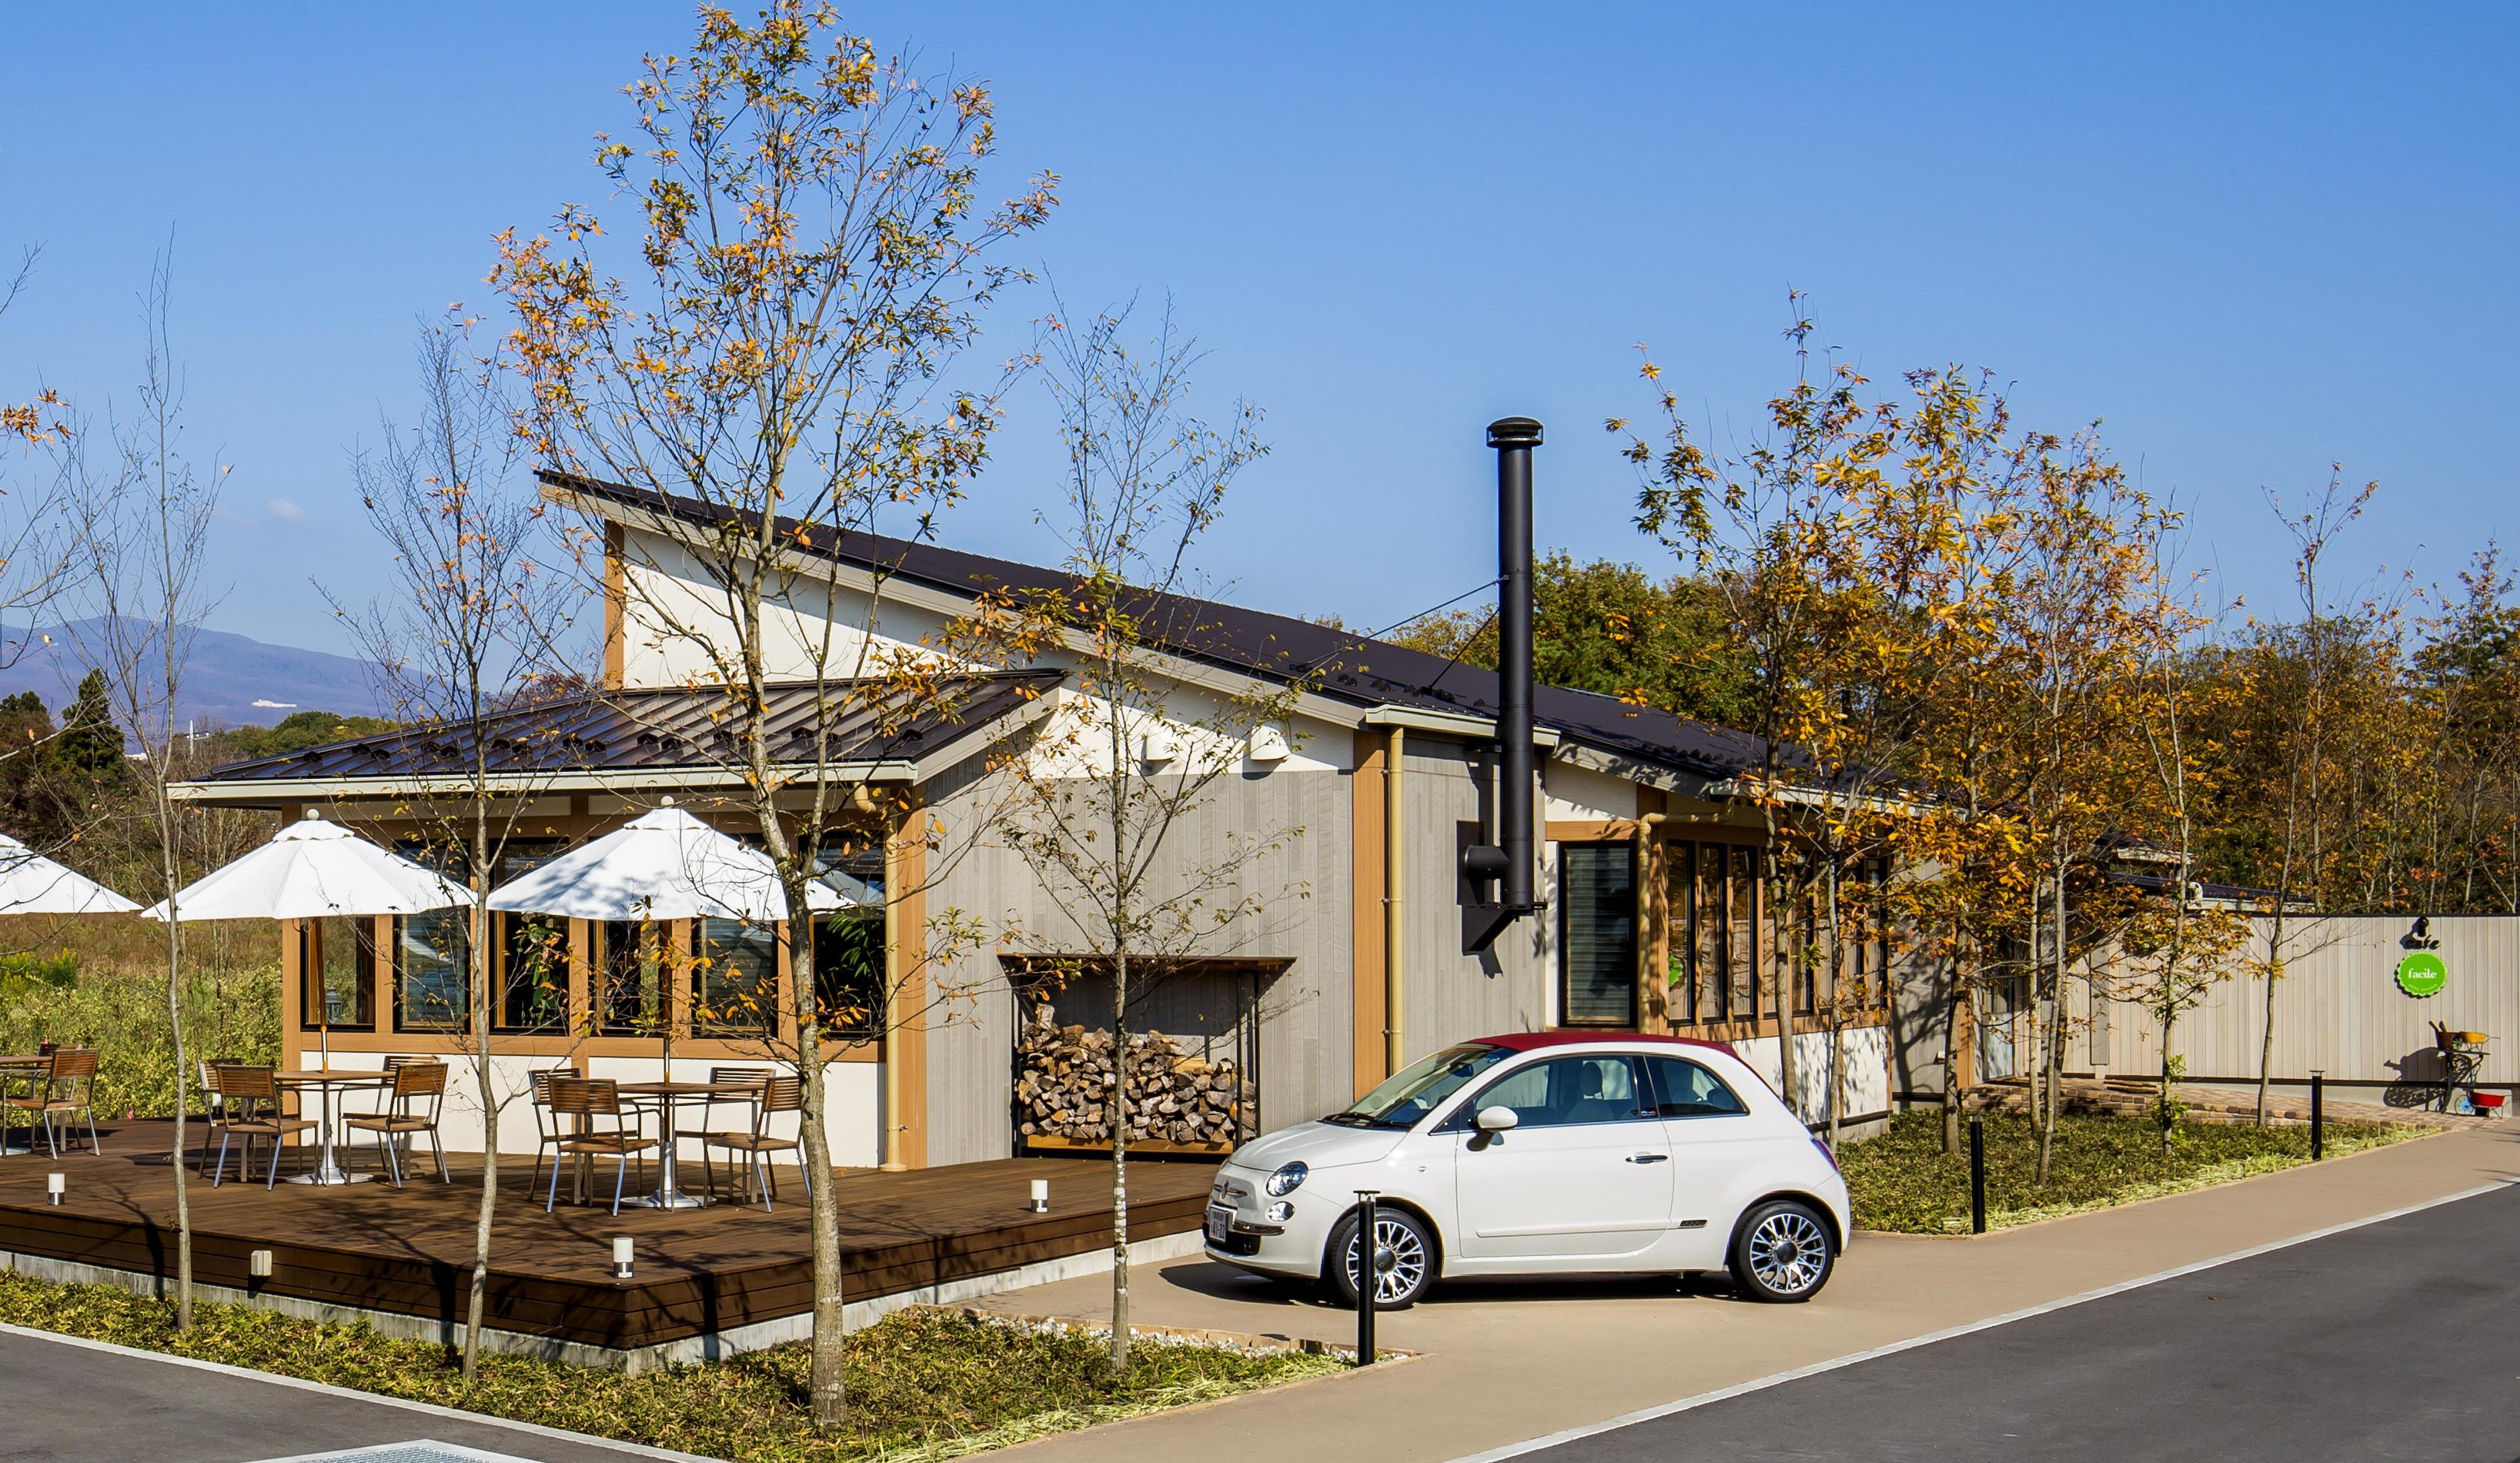 cafeファシルは那須街道沿いで目立つ場所にあります